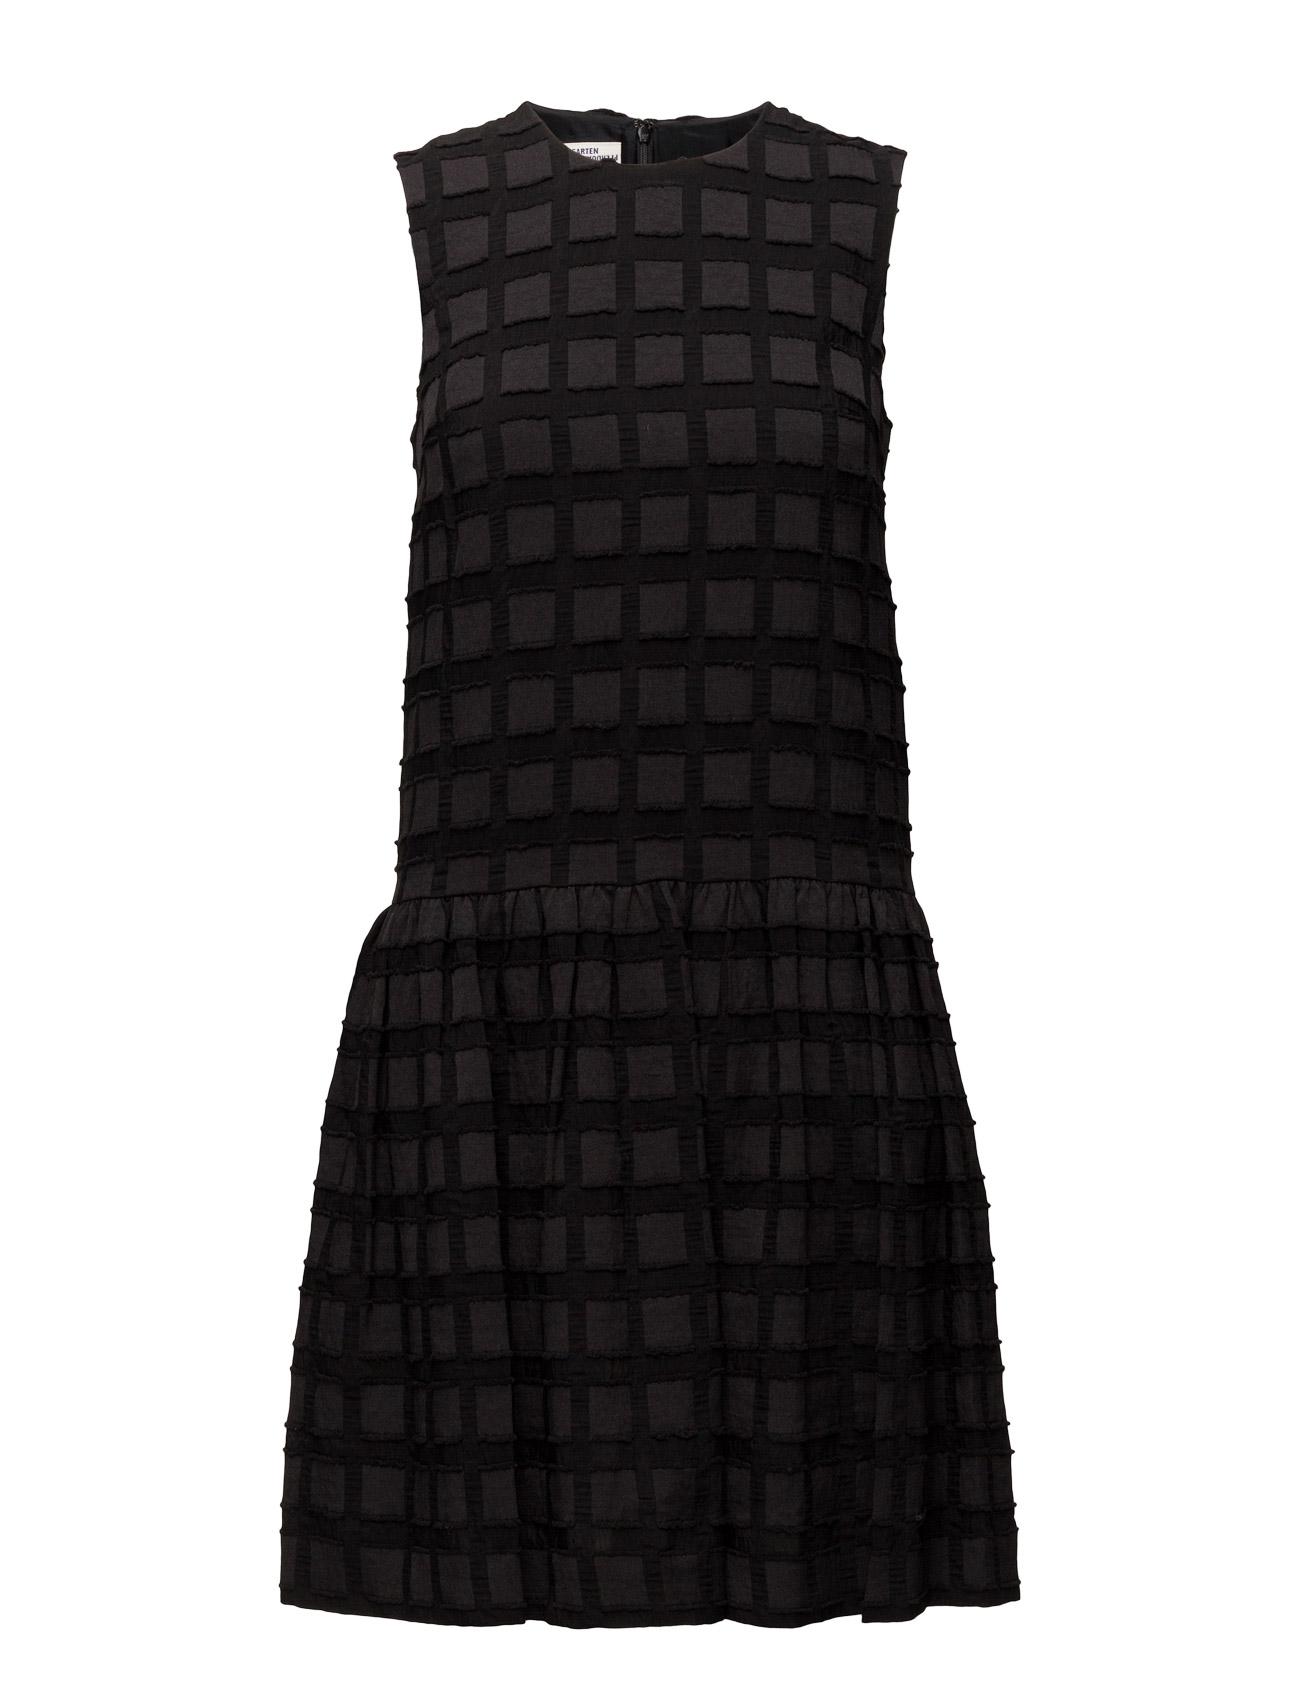 698280dff09 Bestil Aima Baum und Pferdgarten Korte kjoler i Sort til Kvinder hos  Boozt.dk